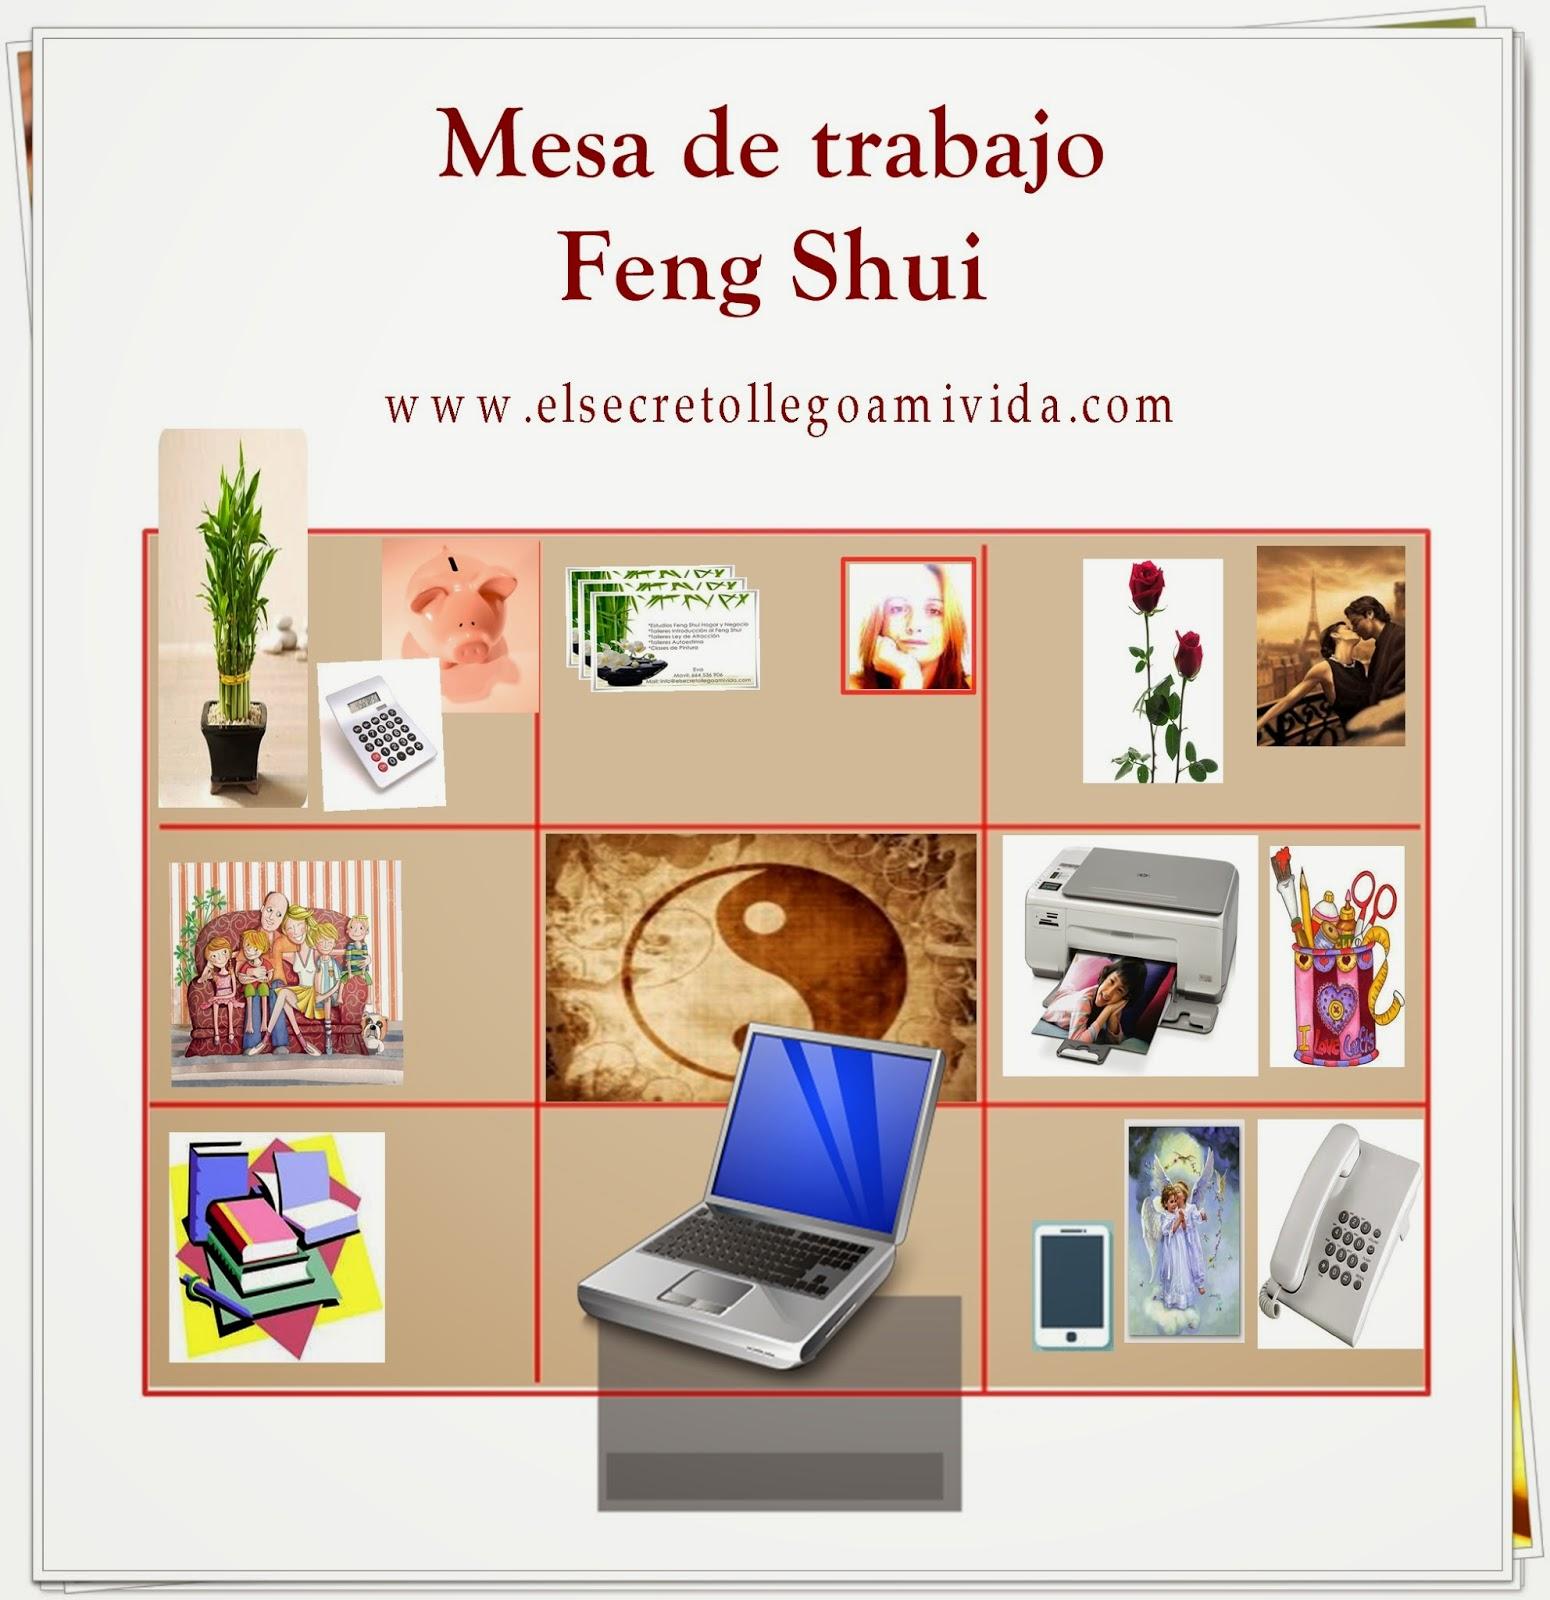 Mesa De Trabajo Con Feng Shui - Feng-shui-trabajo